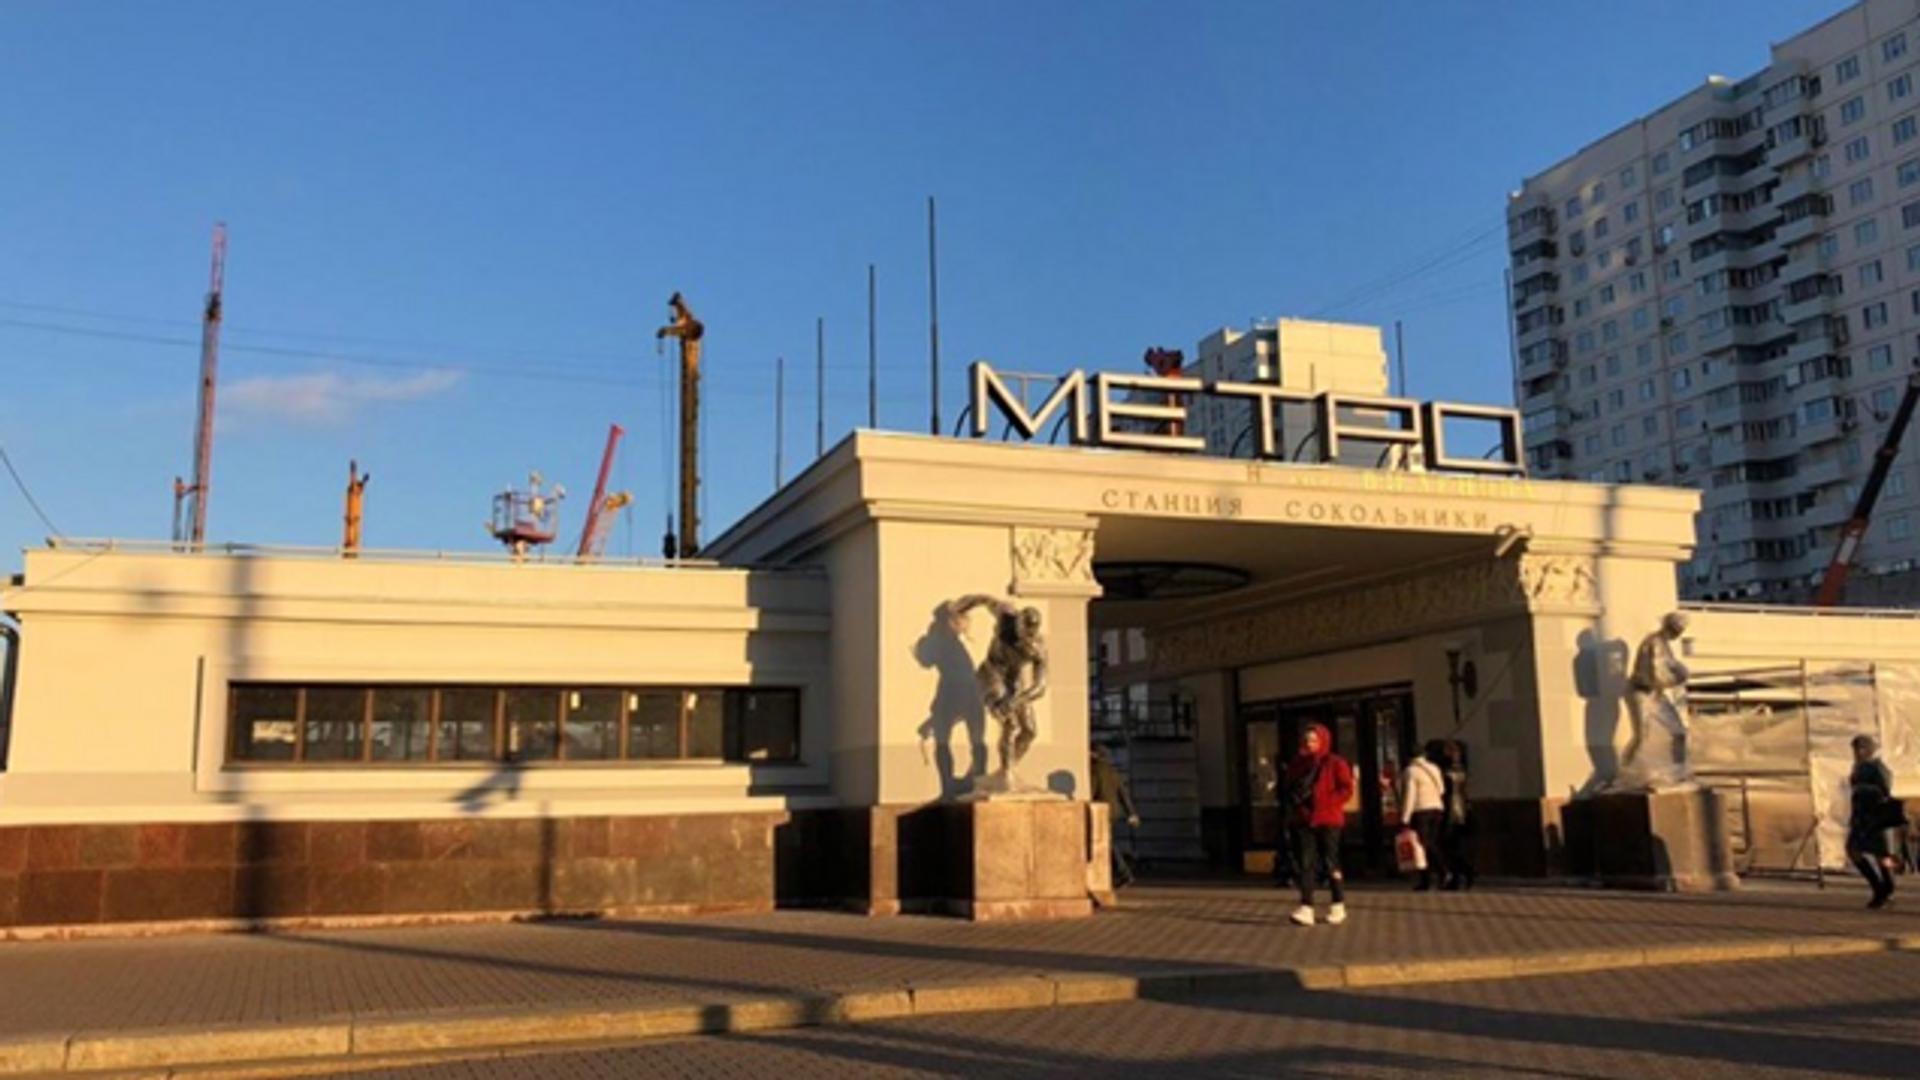 Вестибюль станции метро Сокольники в Москве - РИА Новости, 1920, 05.03.2021